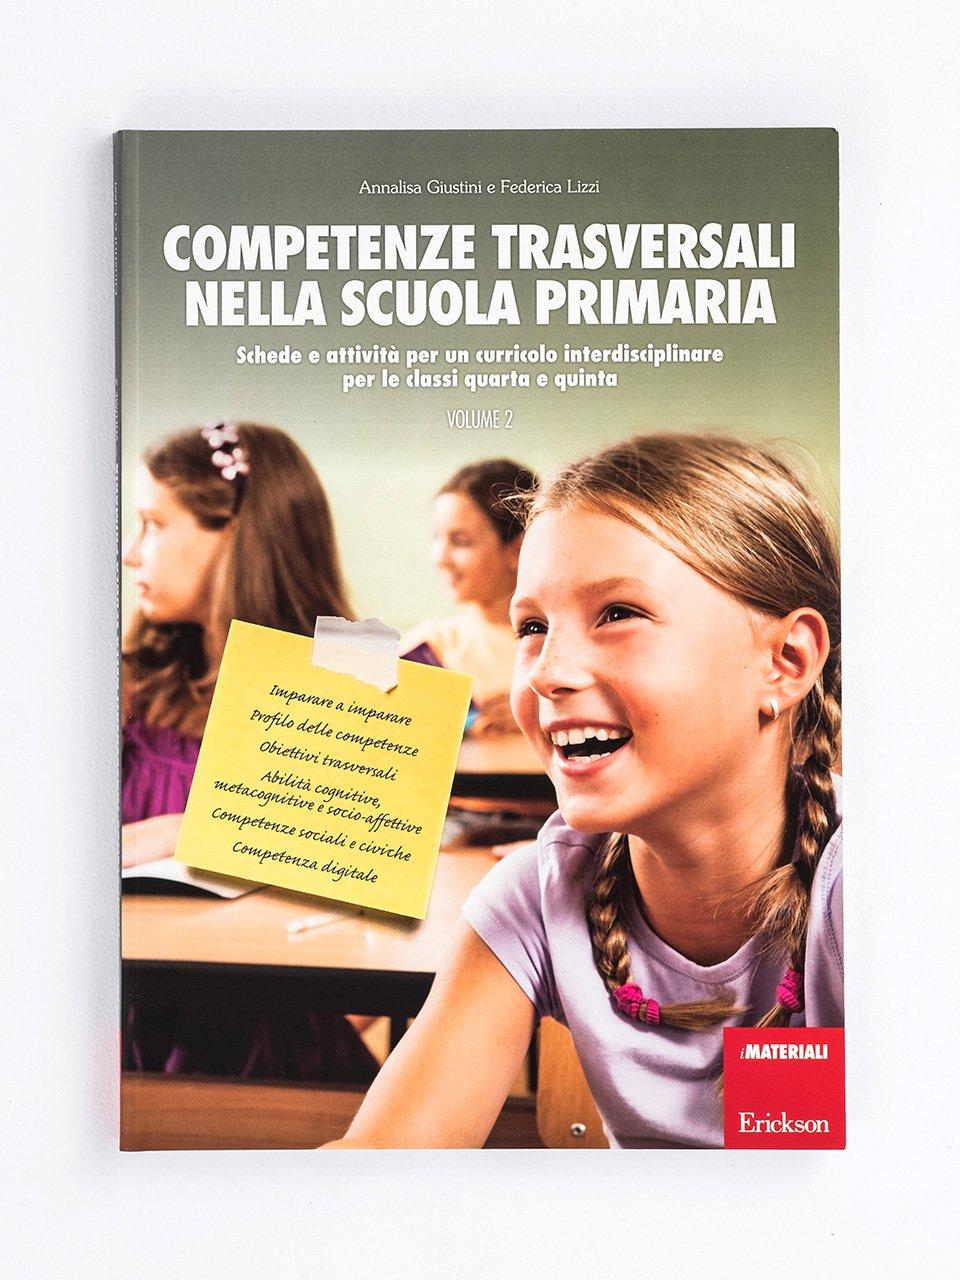 Competenze trasversali nella scuola primaria - Volume 2 - Competenze e valutazione metodologica - Libri - Erickson